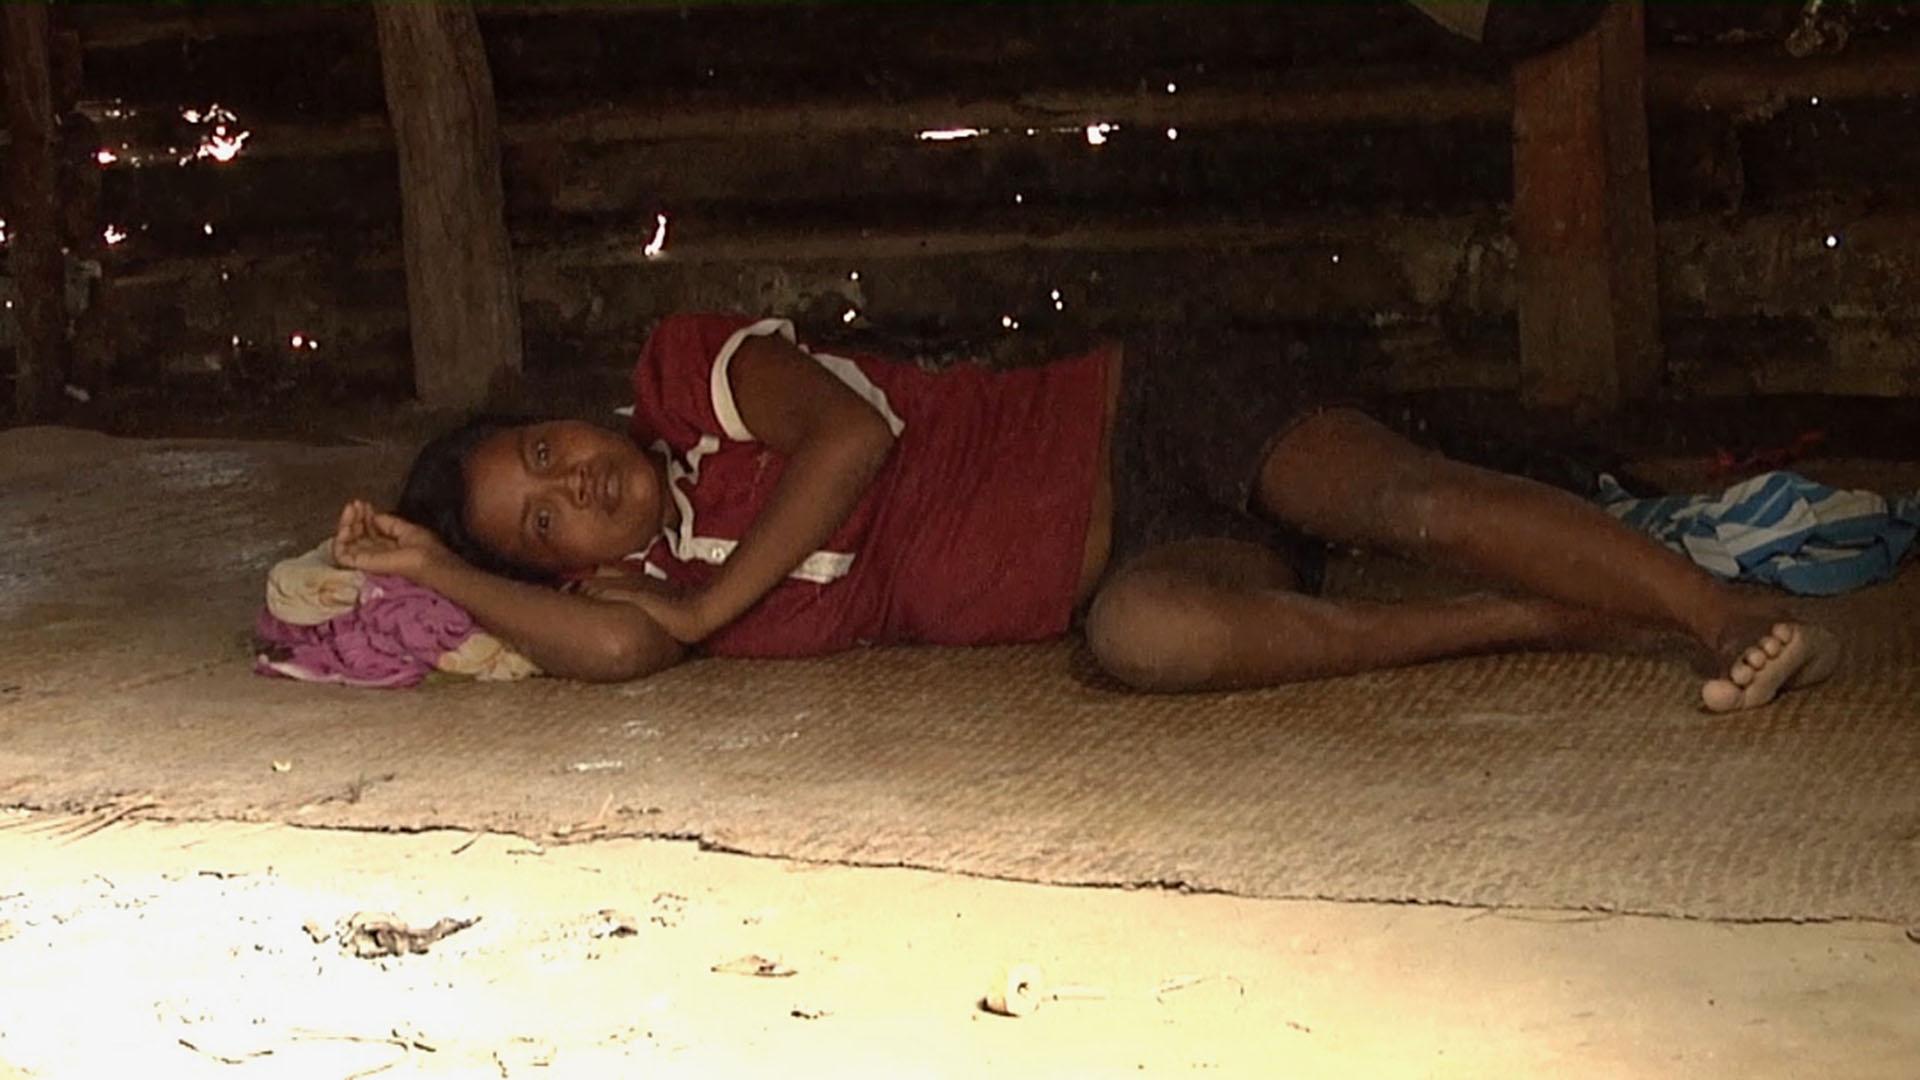 En el estado Zulia esta afectado de gravedad por el regreso del paludismo, la población indigena es la mas afectada